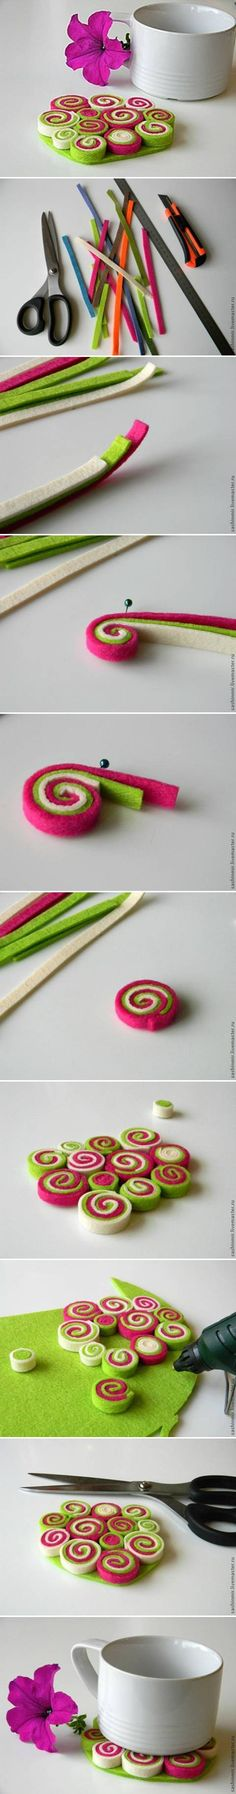 DIY Felt Coaster idea, manualidad, crafti, diy crafts, diy felt, beauti tablemat, felt coaster, feltro, coaster diy